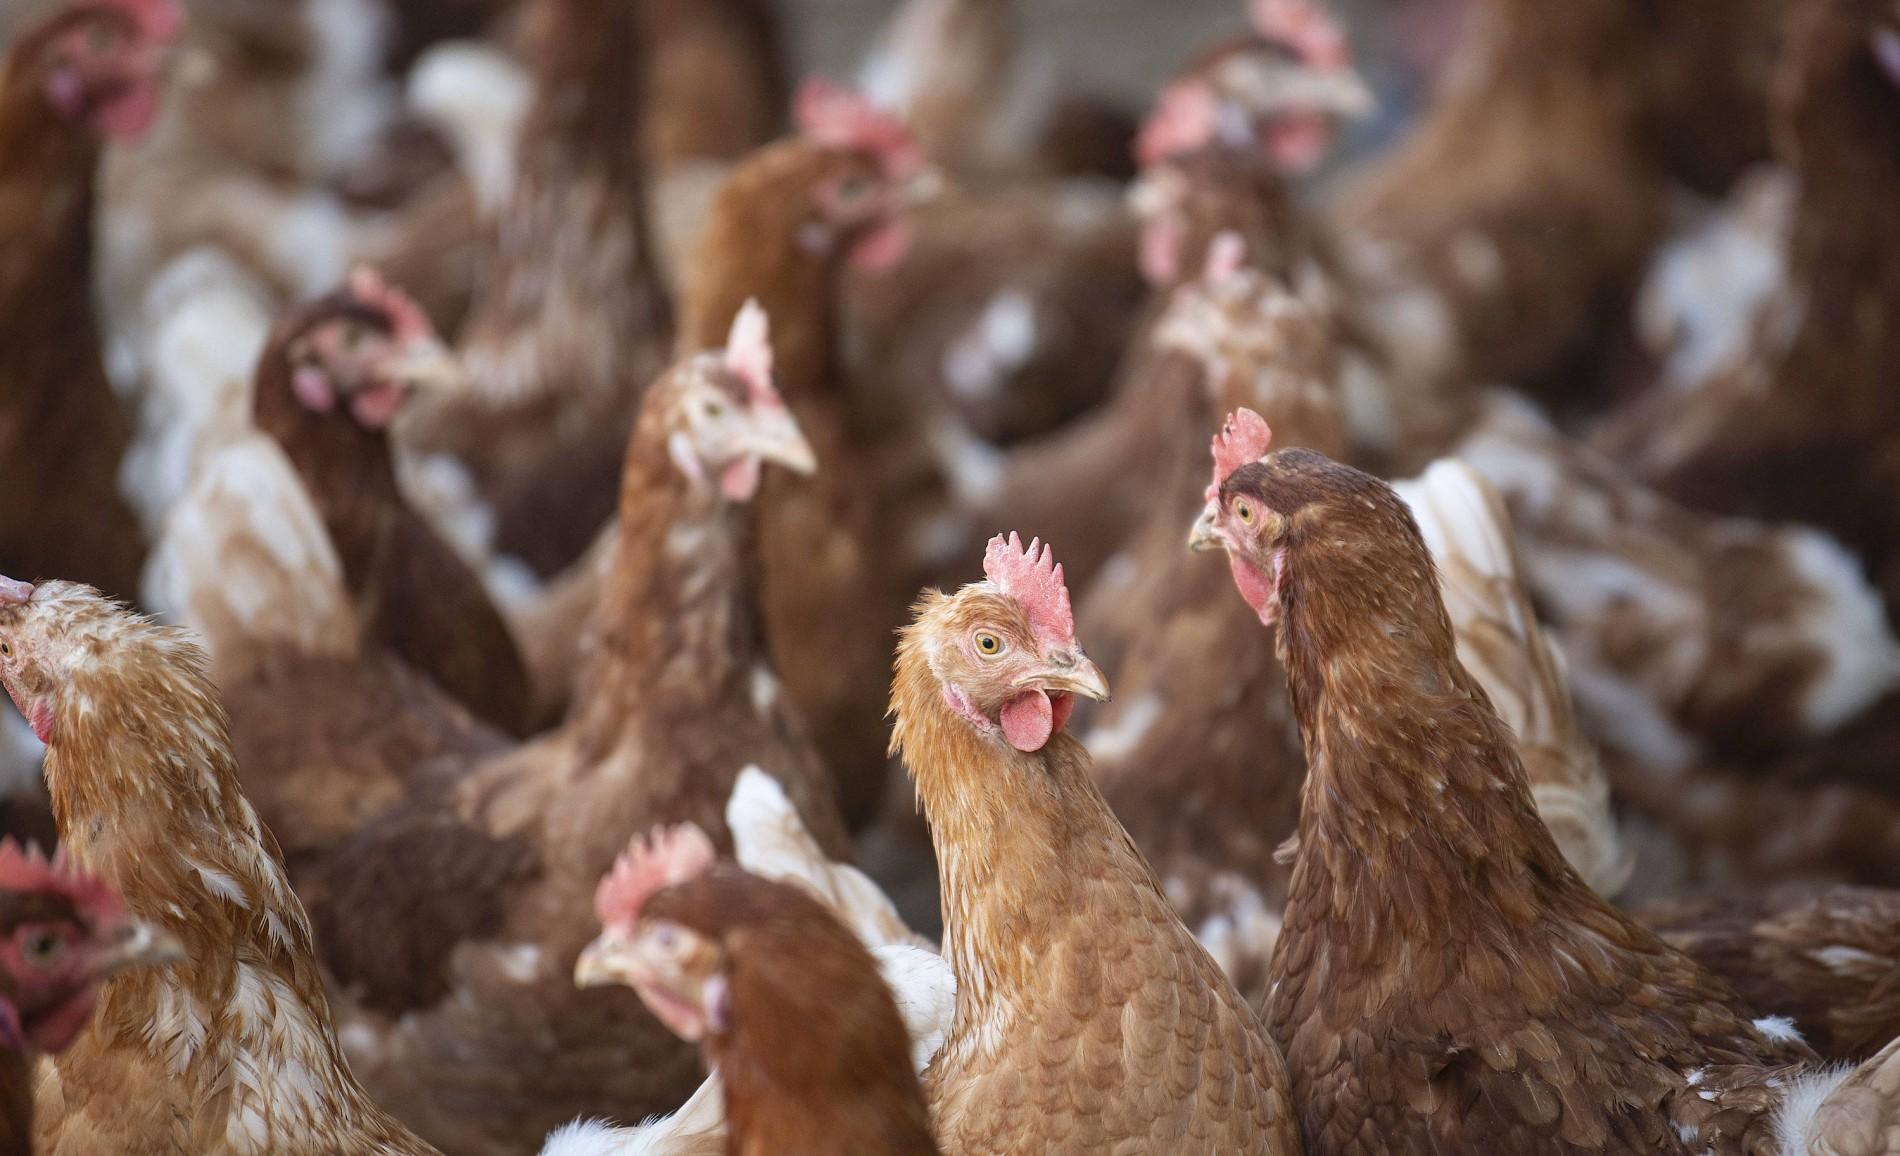 Frauen schlachten hühner